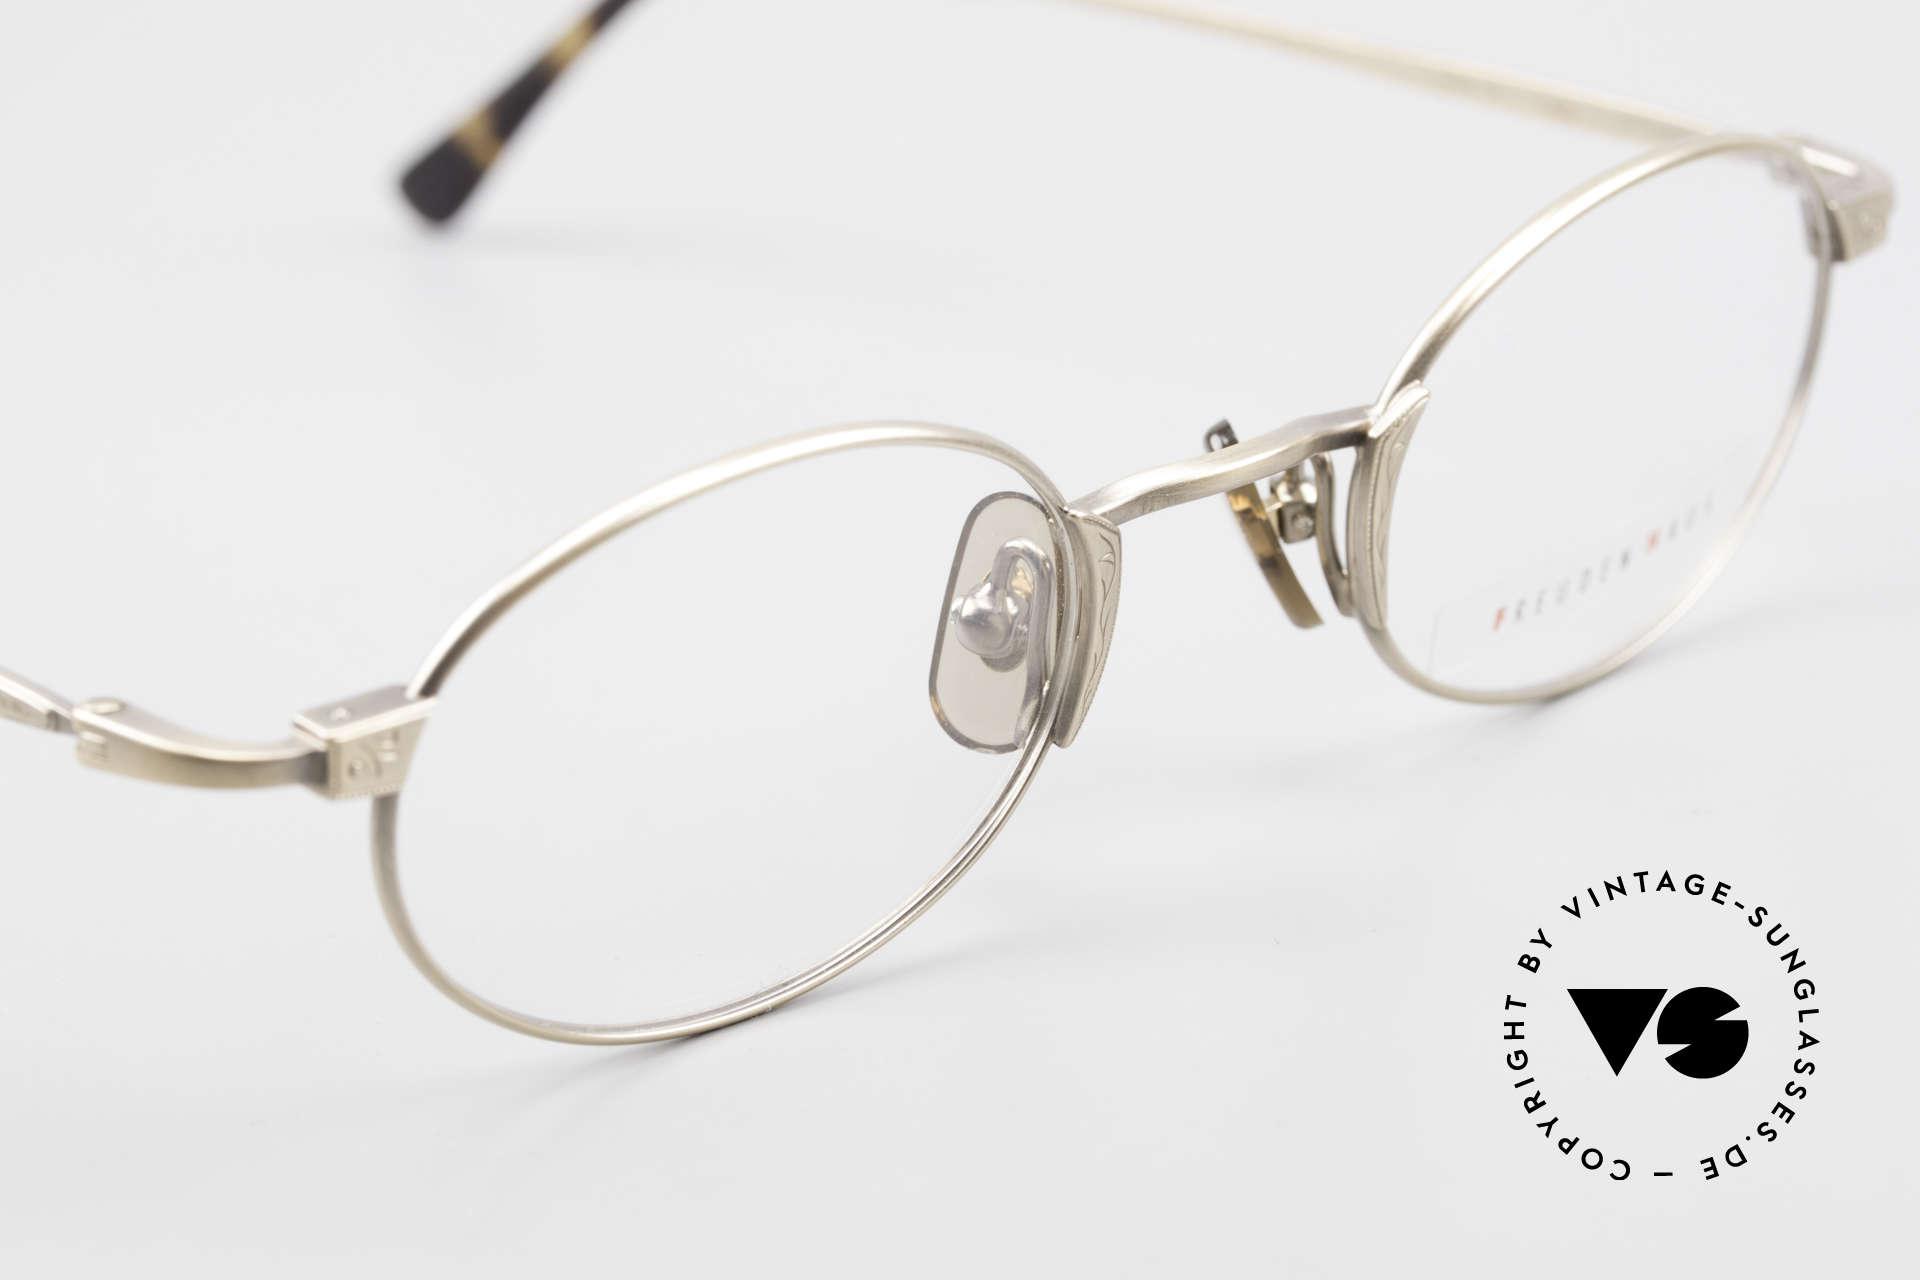 Freudenhaus Zaki Ovale Titan Vintage Brille, KEINE Retromode, ein kostbares 90er Jahre Original!, Passend für Herren und Damen